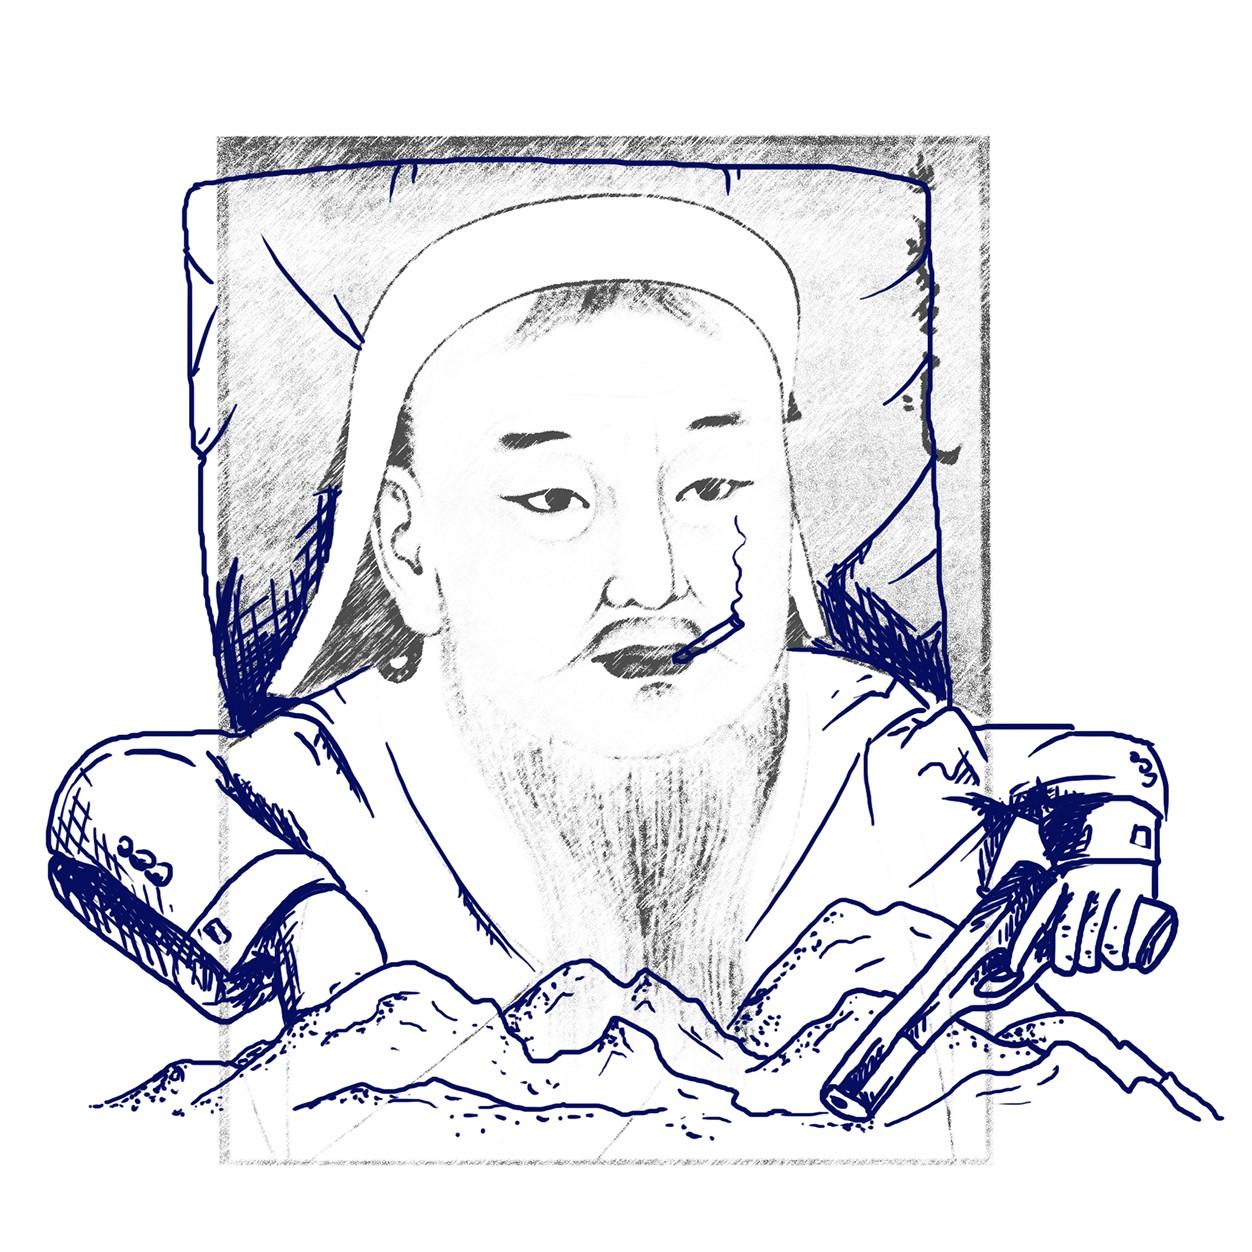 история гении Чингисхан Колумб Пушкин Валиханов Абай Пифагор Бетховен люди достижения прошлое настоящее современное воображение